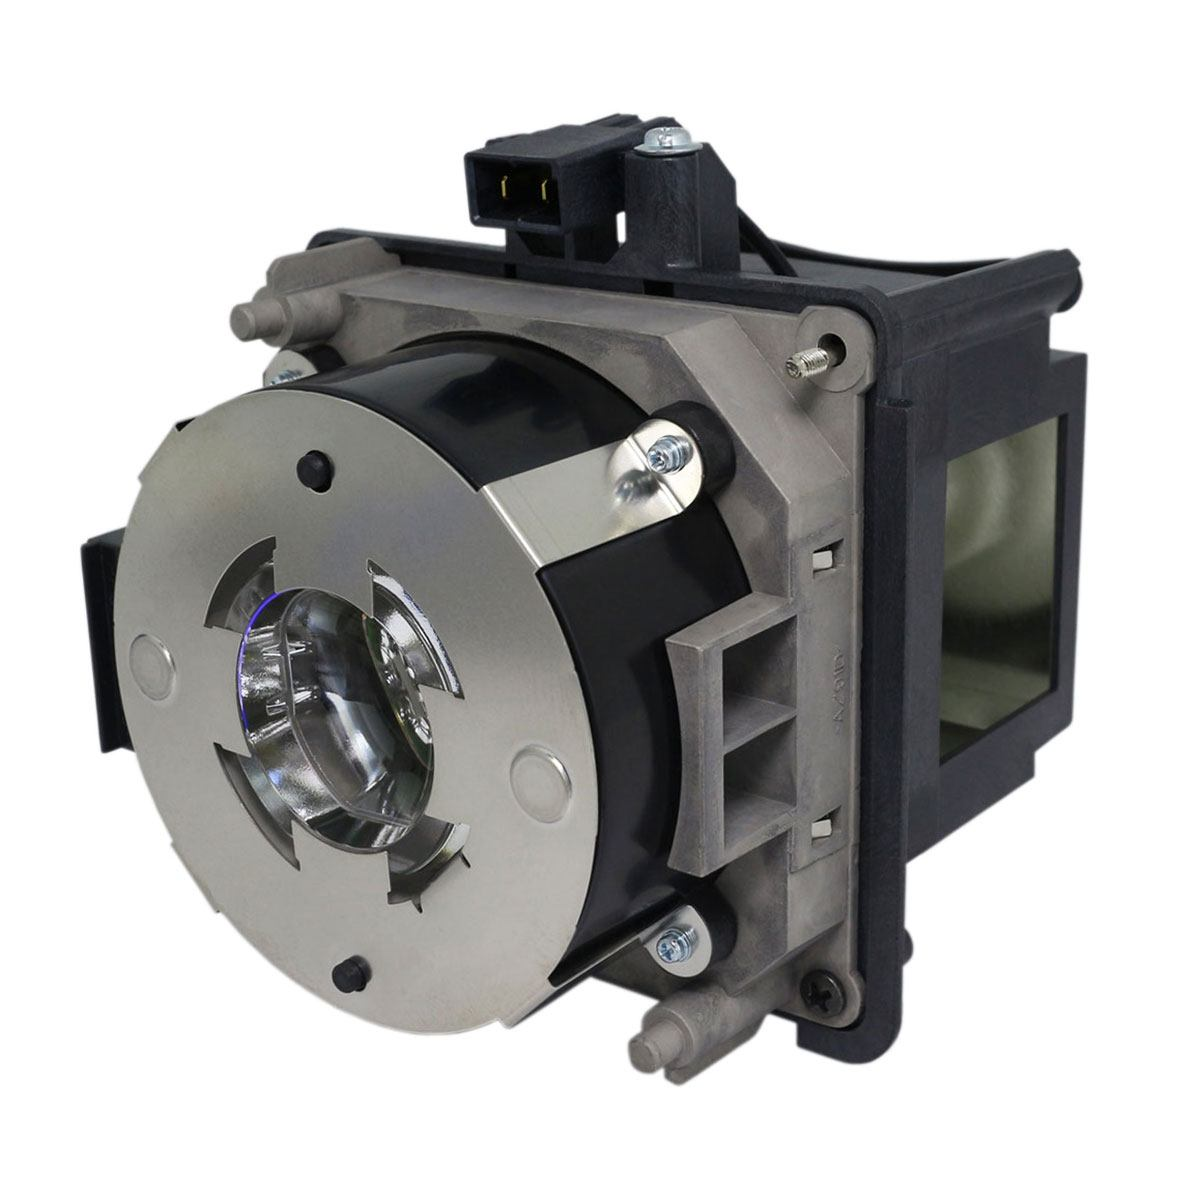 2478433-Lamp-for-GEHA-C-290-VIVID-Original-Inside-lamp-for-GEHA-C-290-projector